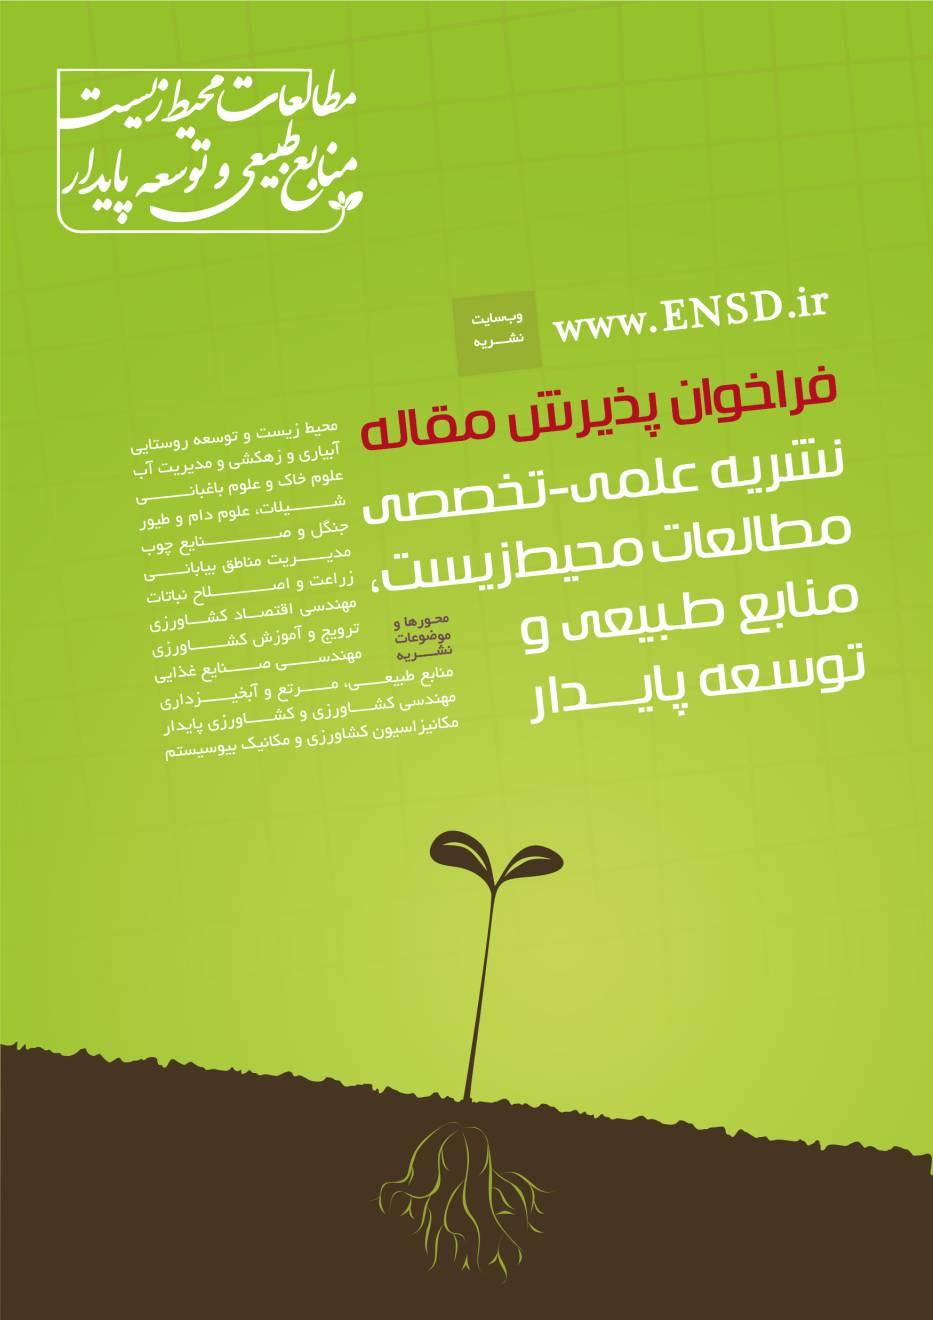 """نشریه علمی-تخصصی """"مطالعات محیطزیست، منابع طبیعی و توسعه پایدار"""""""